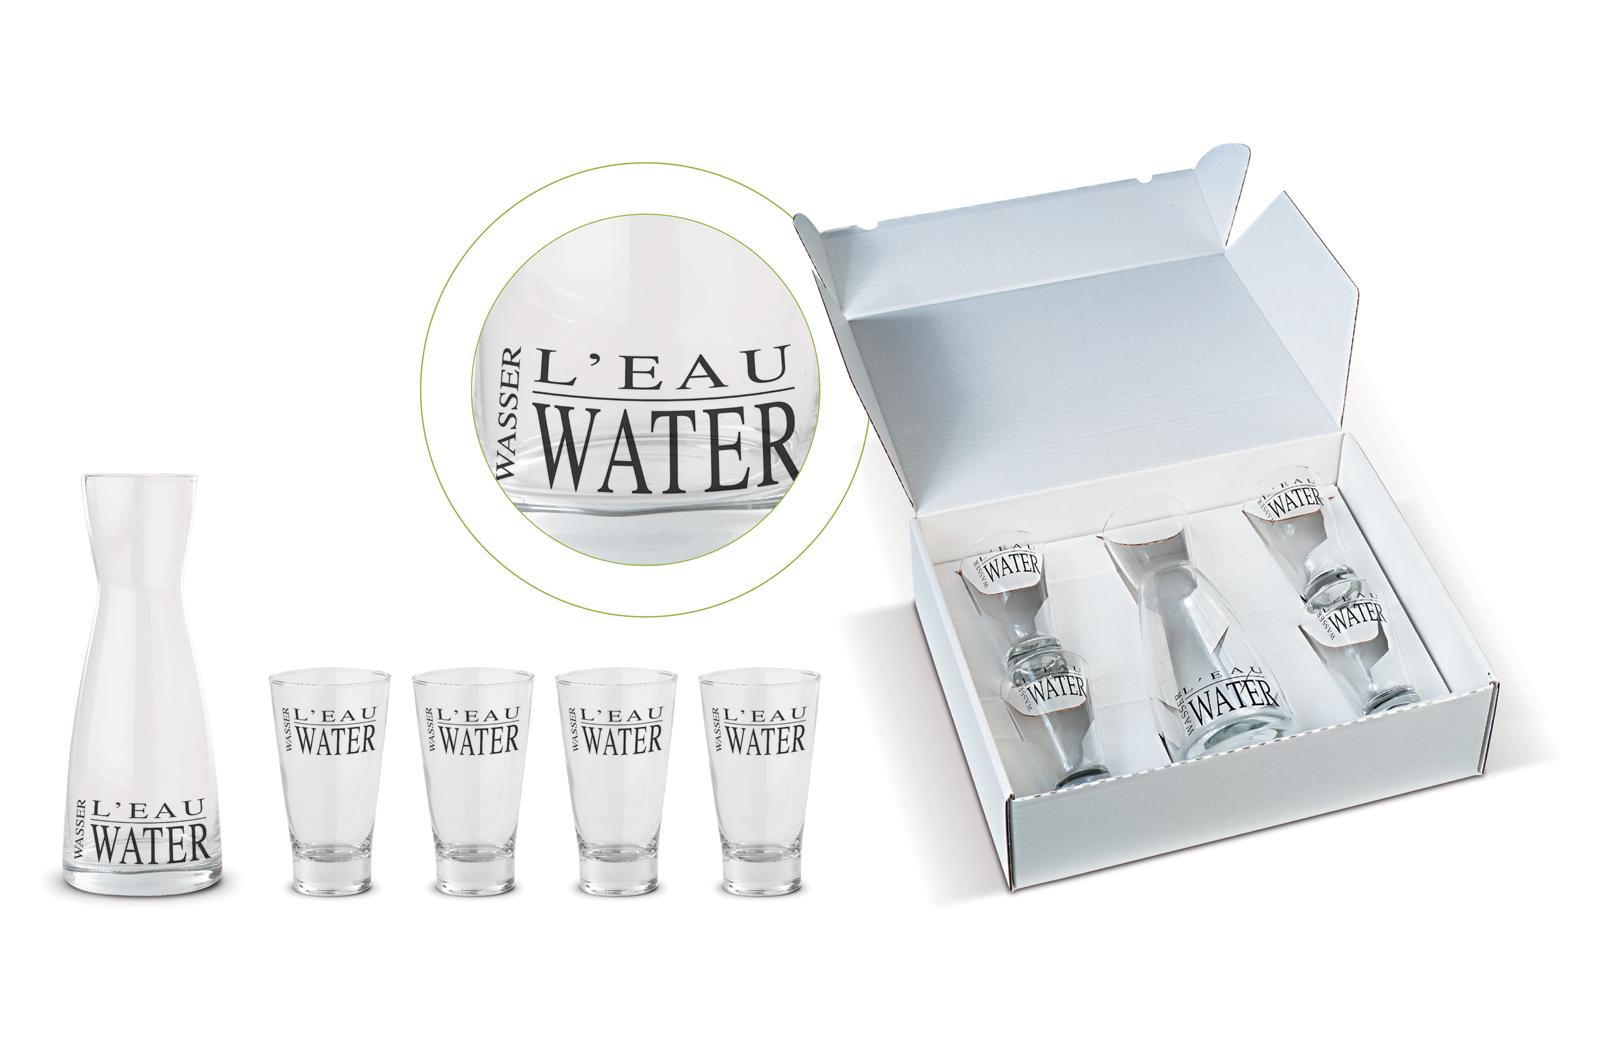 Waterkaraf (56006) met 4 glazen (56007). Standaard bedrukt met aangegeven tekst. Verpakt in geschenkverpakking (38